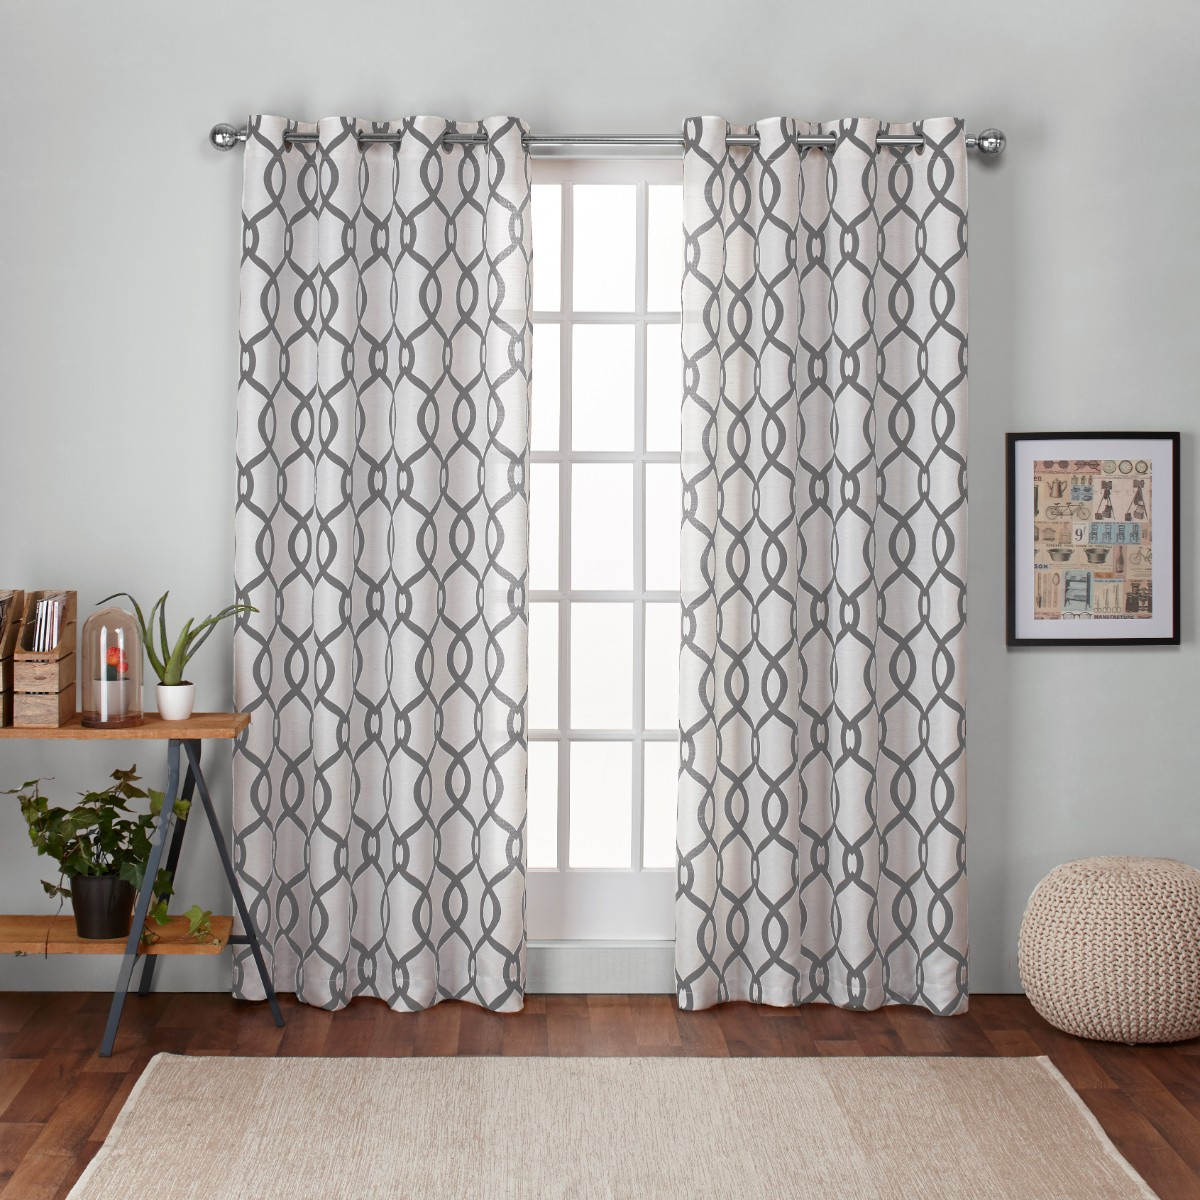 Exclusive Home Kochi Grommet Top Window Curtain Panels